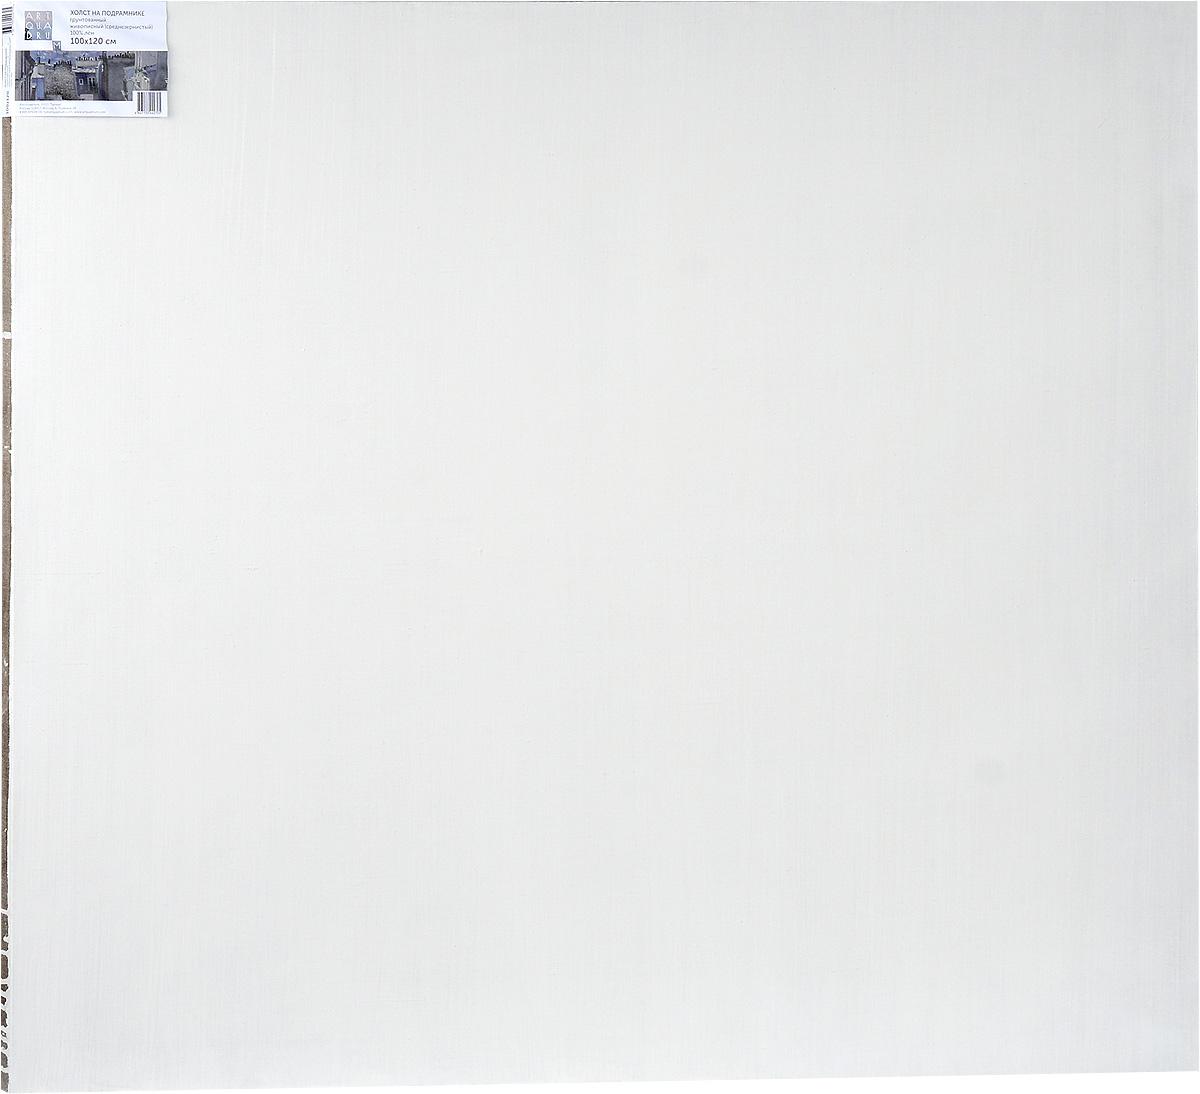 Холст ArtQuaDram Живописный на подрамнике, среднезернистый, грунтованный, 100 х 120 смТ0003769Холст на деревянном подрамнике ArtQuaDram Живописный изготовлен из 100% натурального льна. Подходит для профессионалов и художников. Холст не трескается, не впитывает слишком много краски, цвет краски и качество не изменяются. Холст идеально подходит для масляной и акриловой живописи.